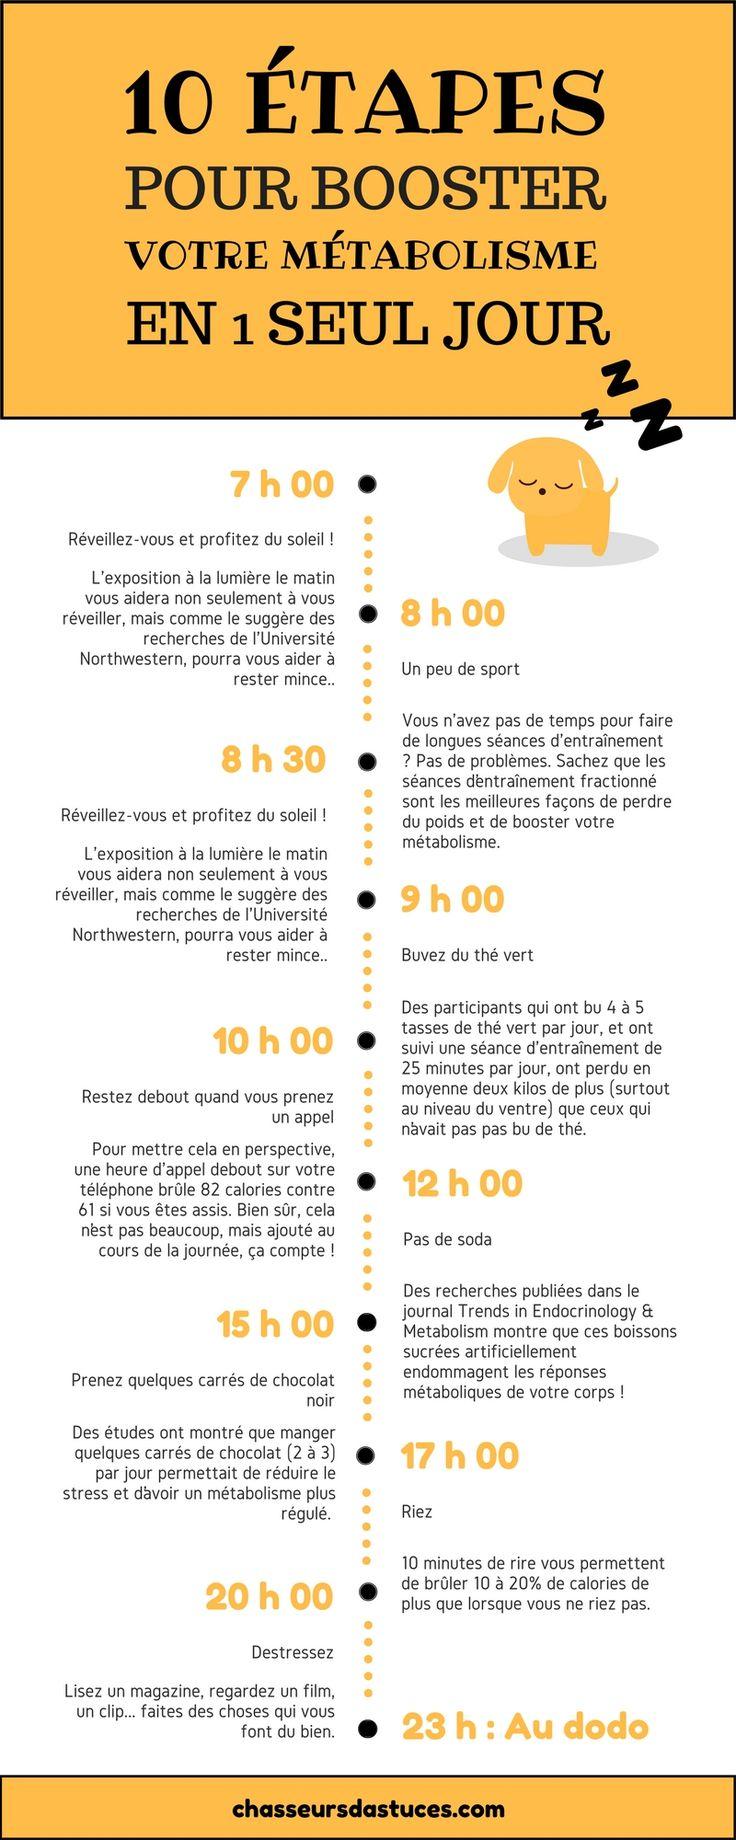 10 ETAPES POUR BOOSTER VOTRE METABOLISME EN 1 SEUL JOUR..